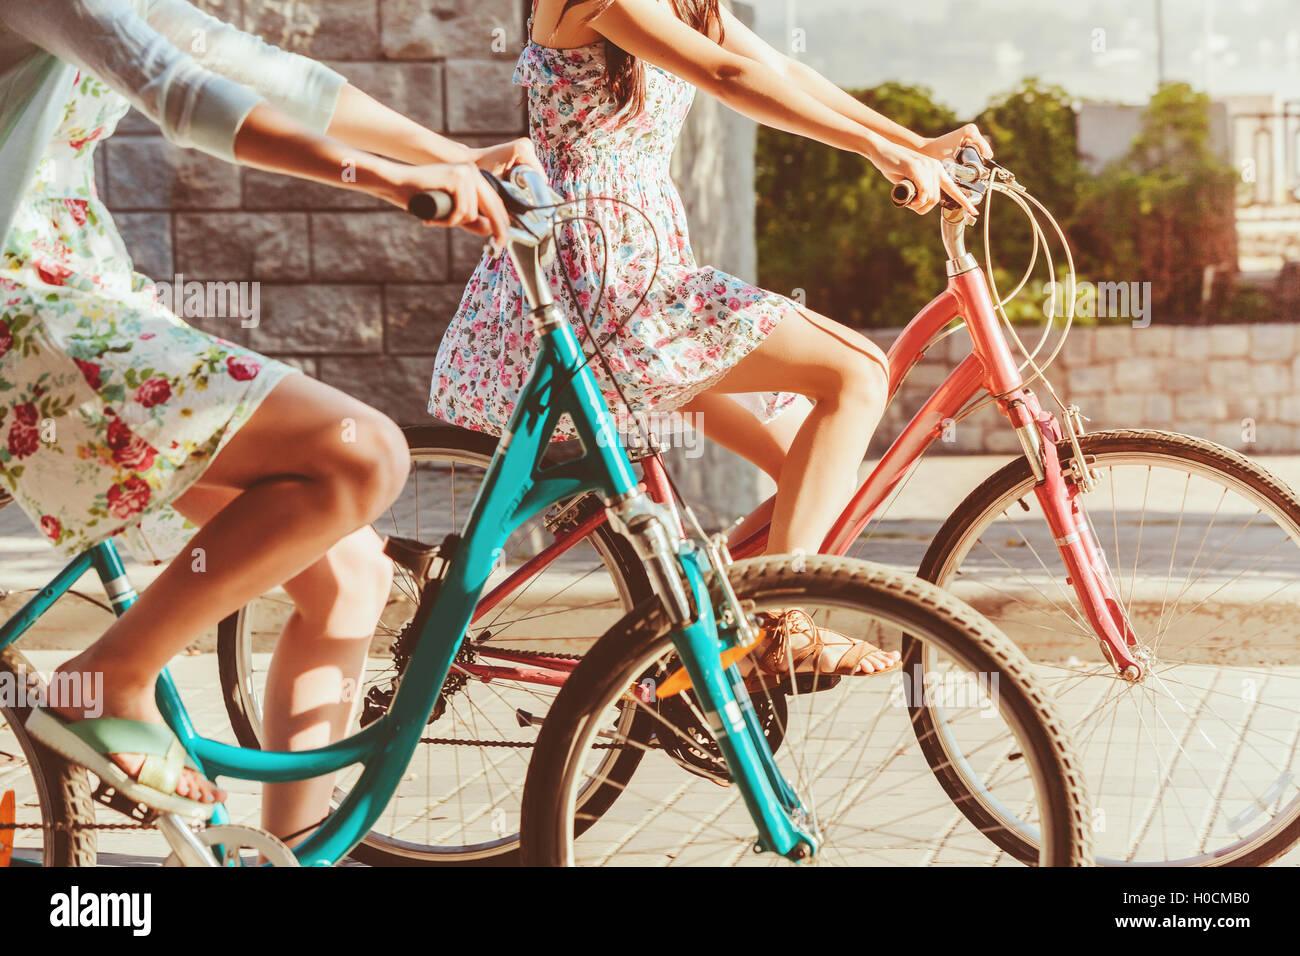 Las dos niñas con bicicletas en el parque Imagen De Stock